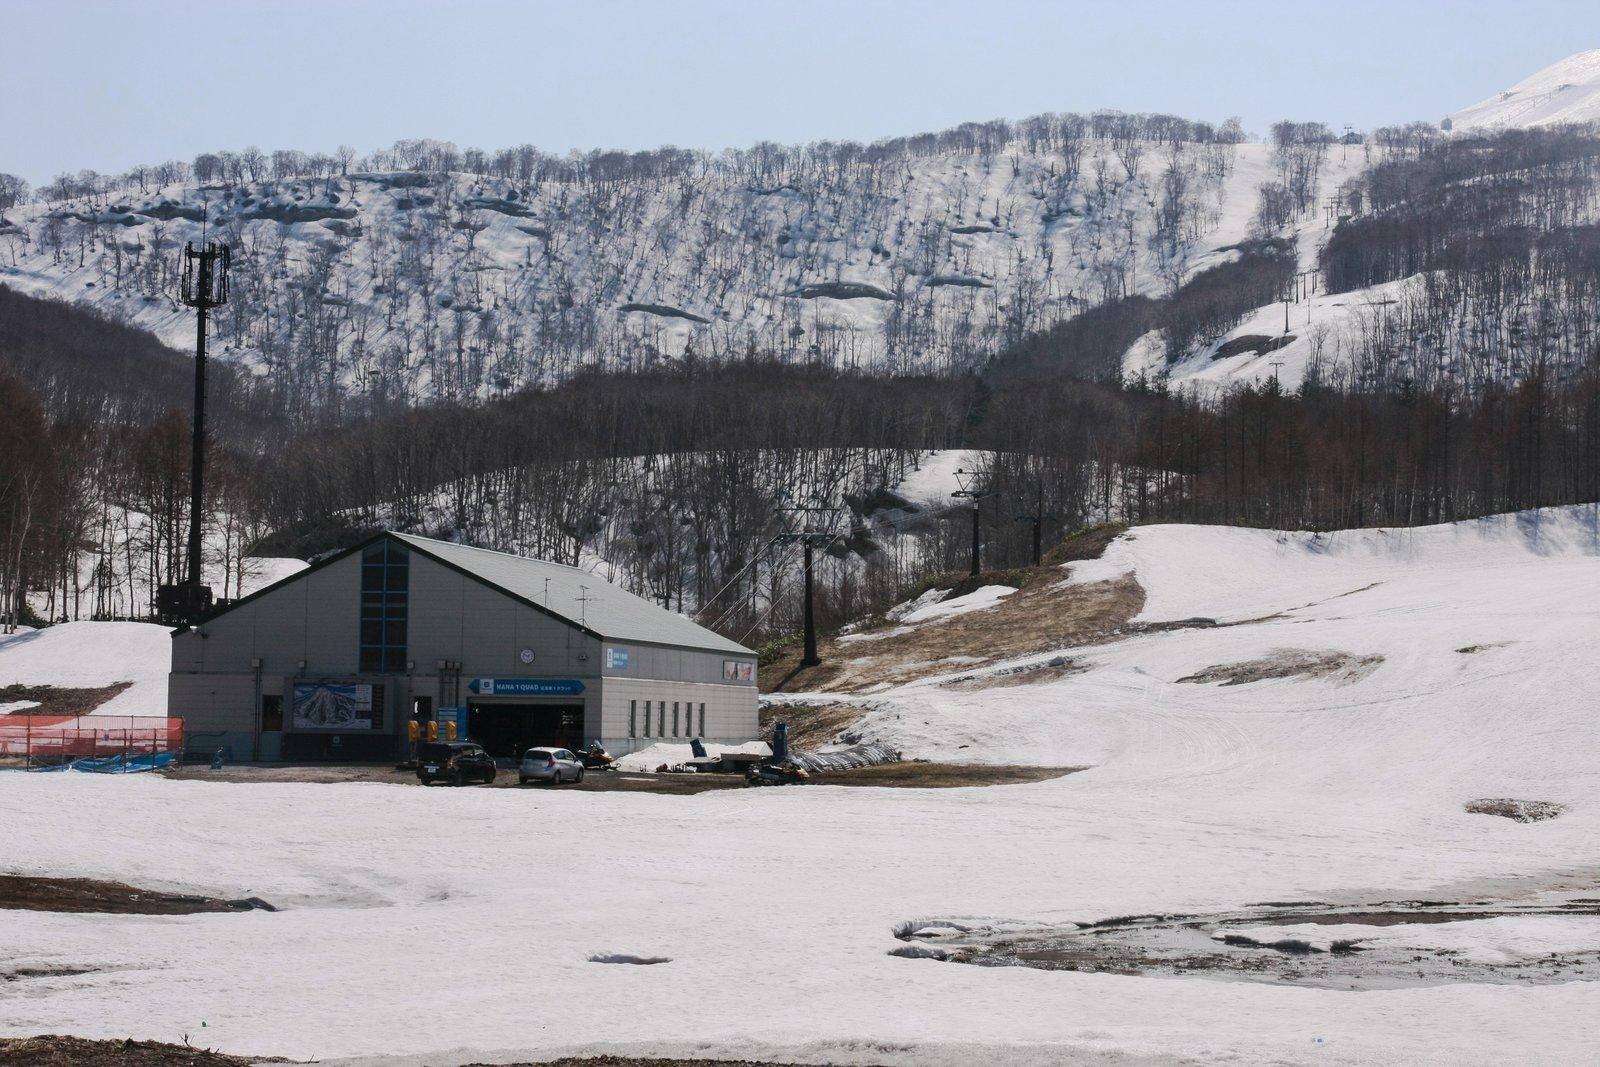 雪解けの頃のニセコHANAZONOリゾート第1リフト乗り場